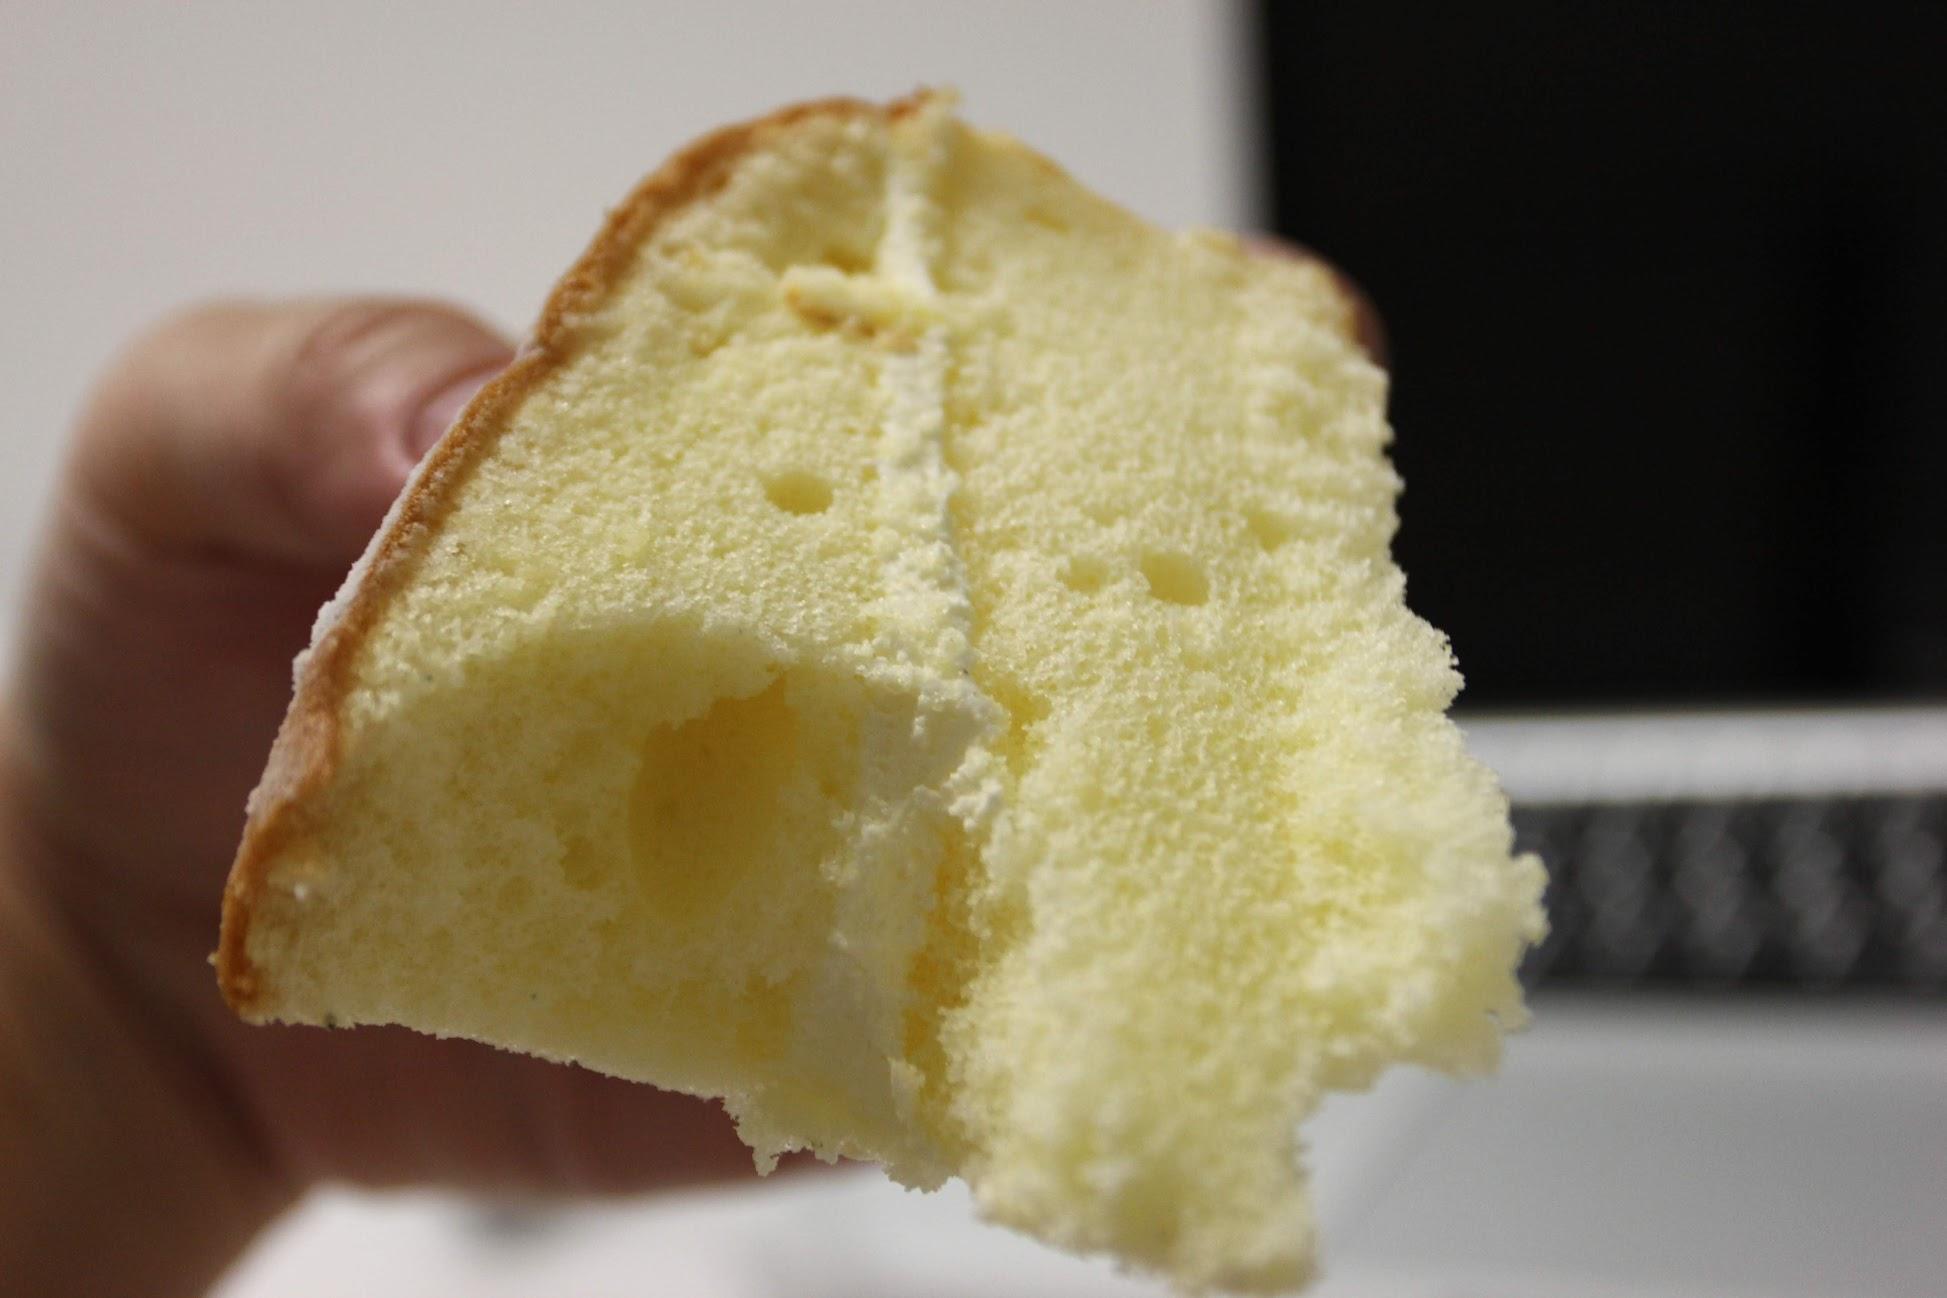 海綿蛋糕蓬鬆,中間奶油適硬式奶油,搭起來是還不錯,不過老媽喜歡軟軟的奶油...